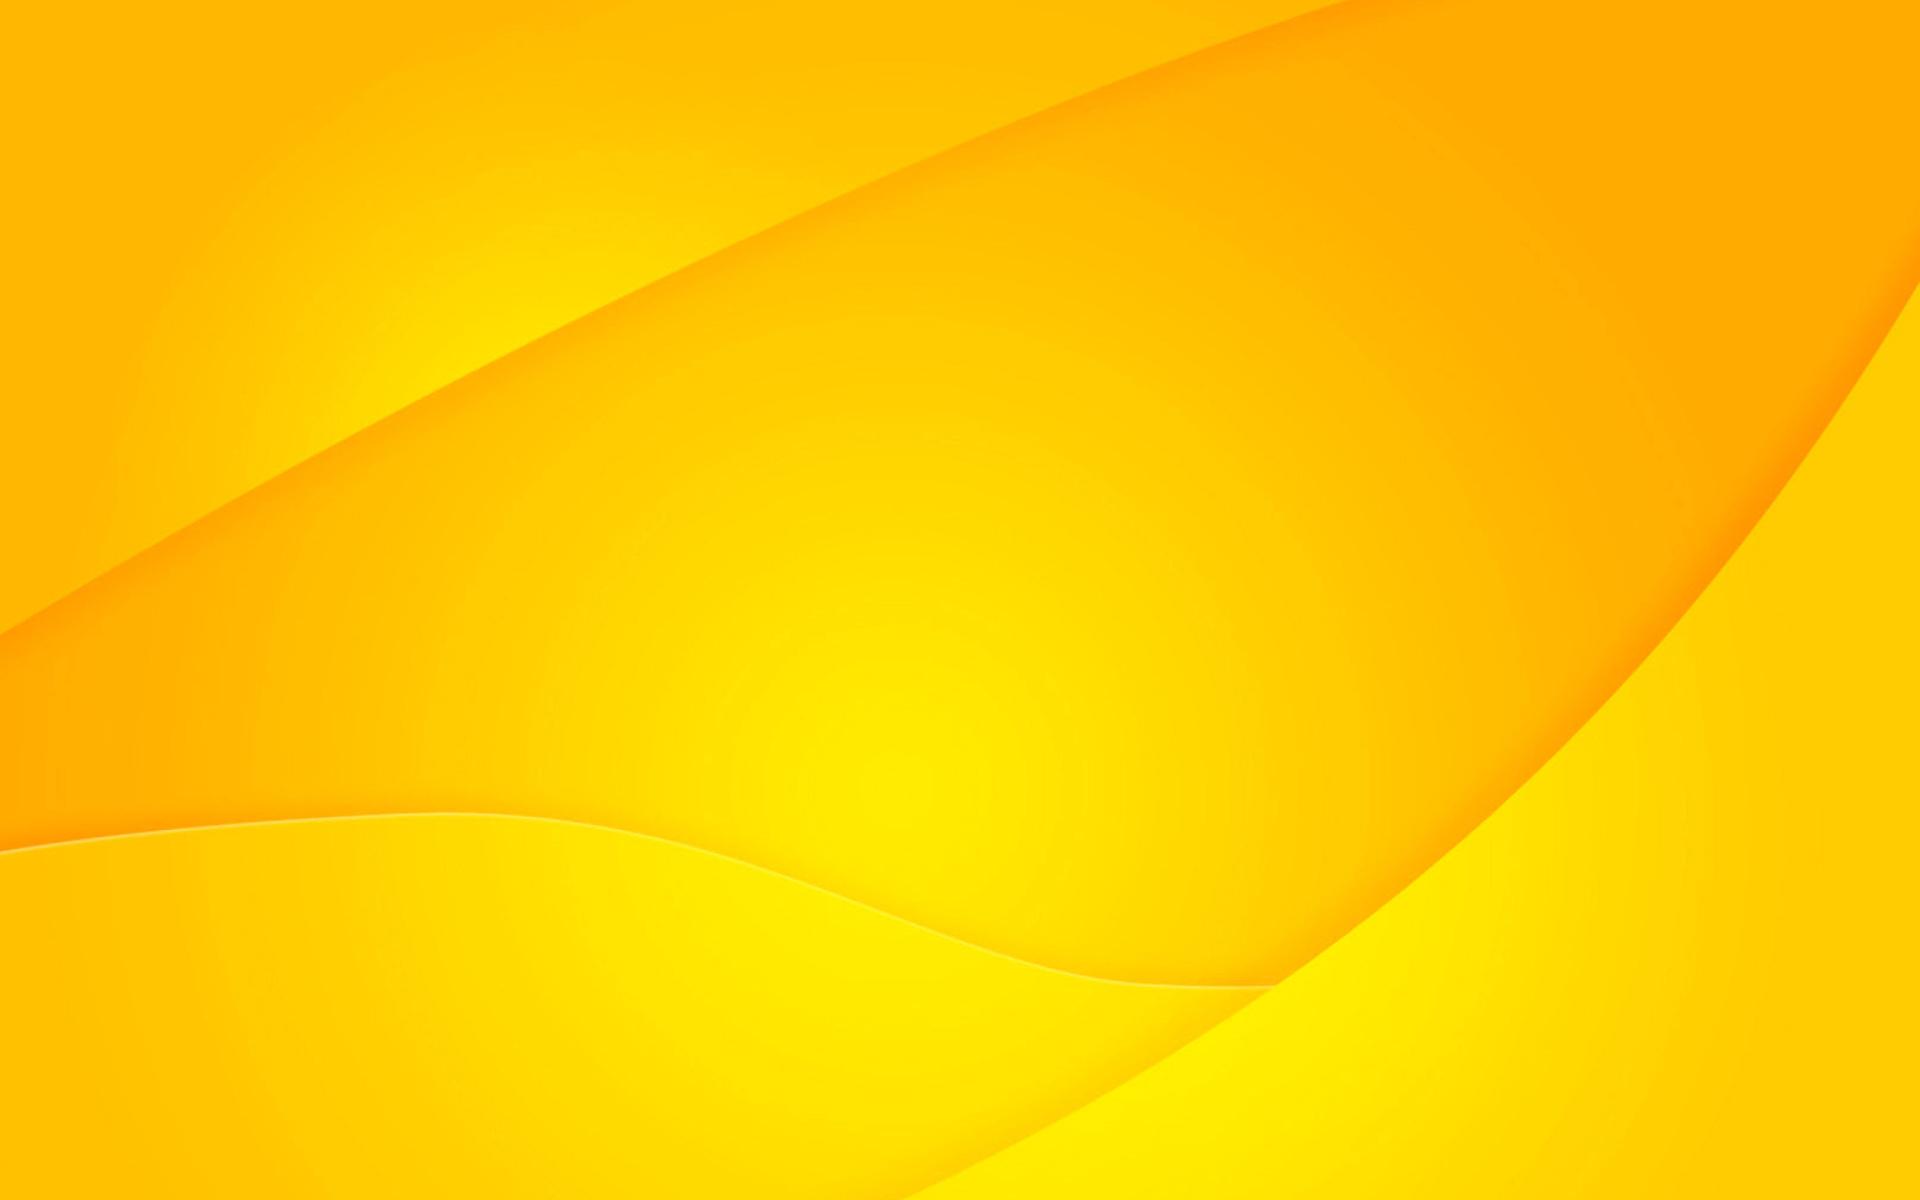 Yellow light fondos de pantalla gratis para widescreen for Fondos de pantalla full hd colores